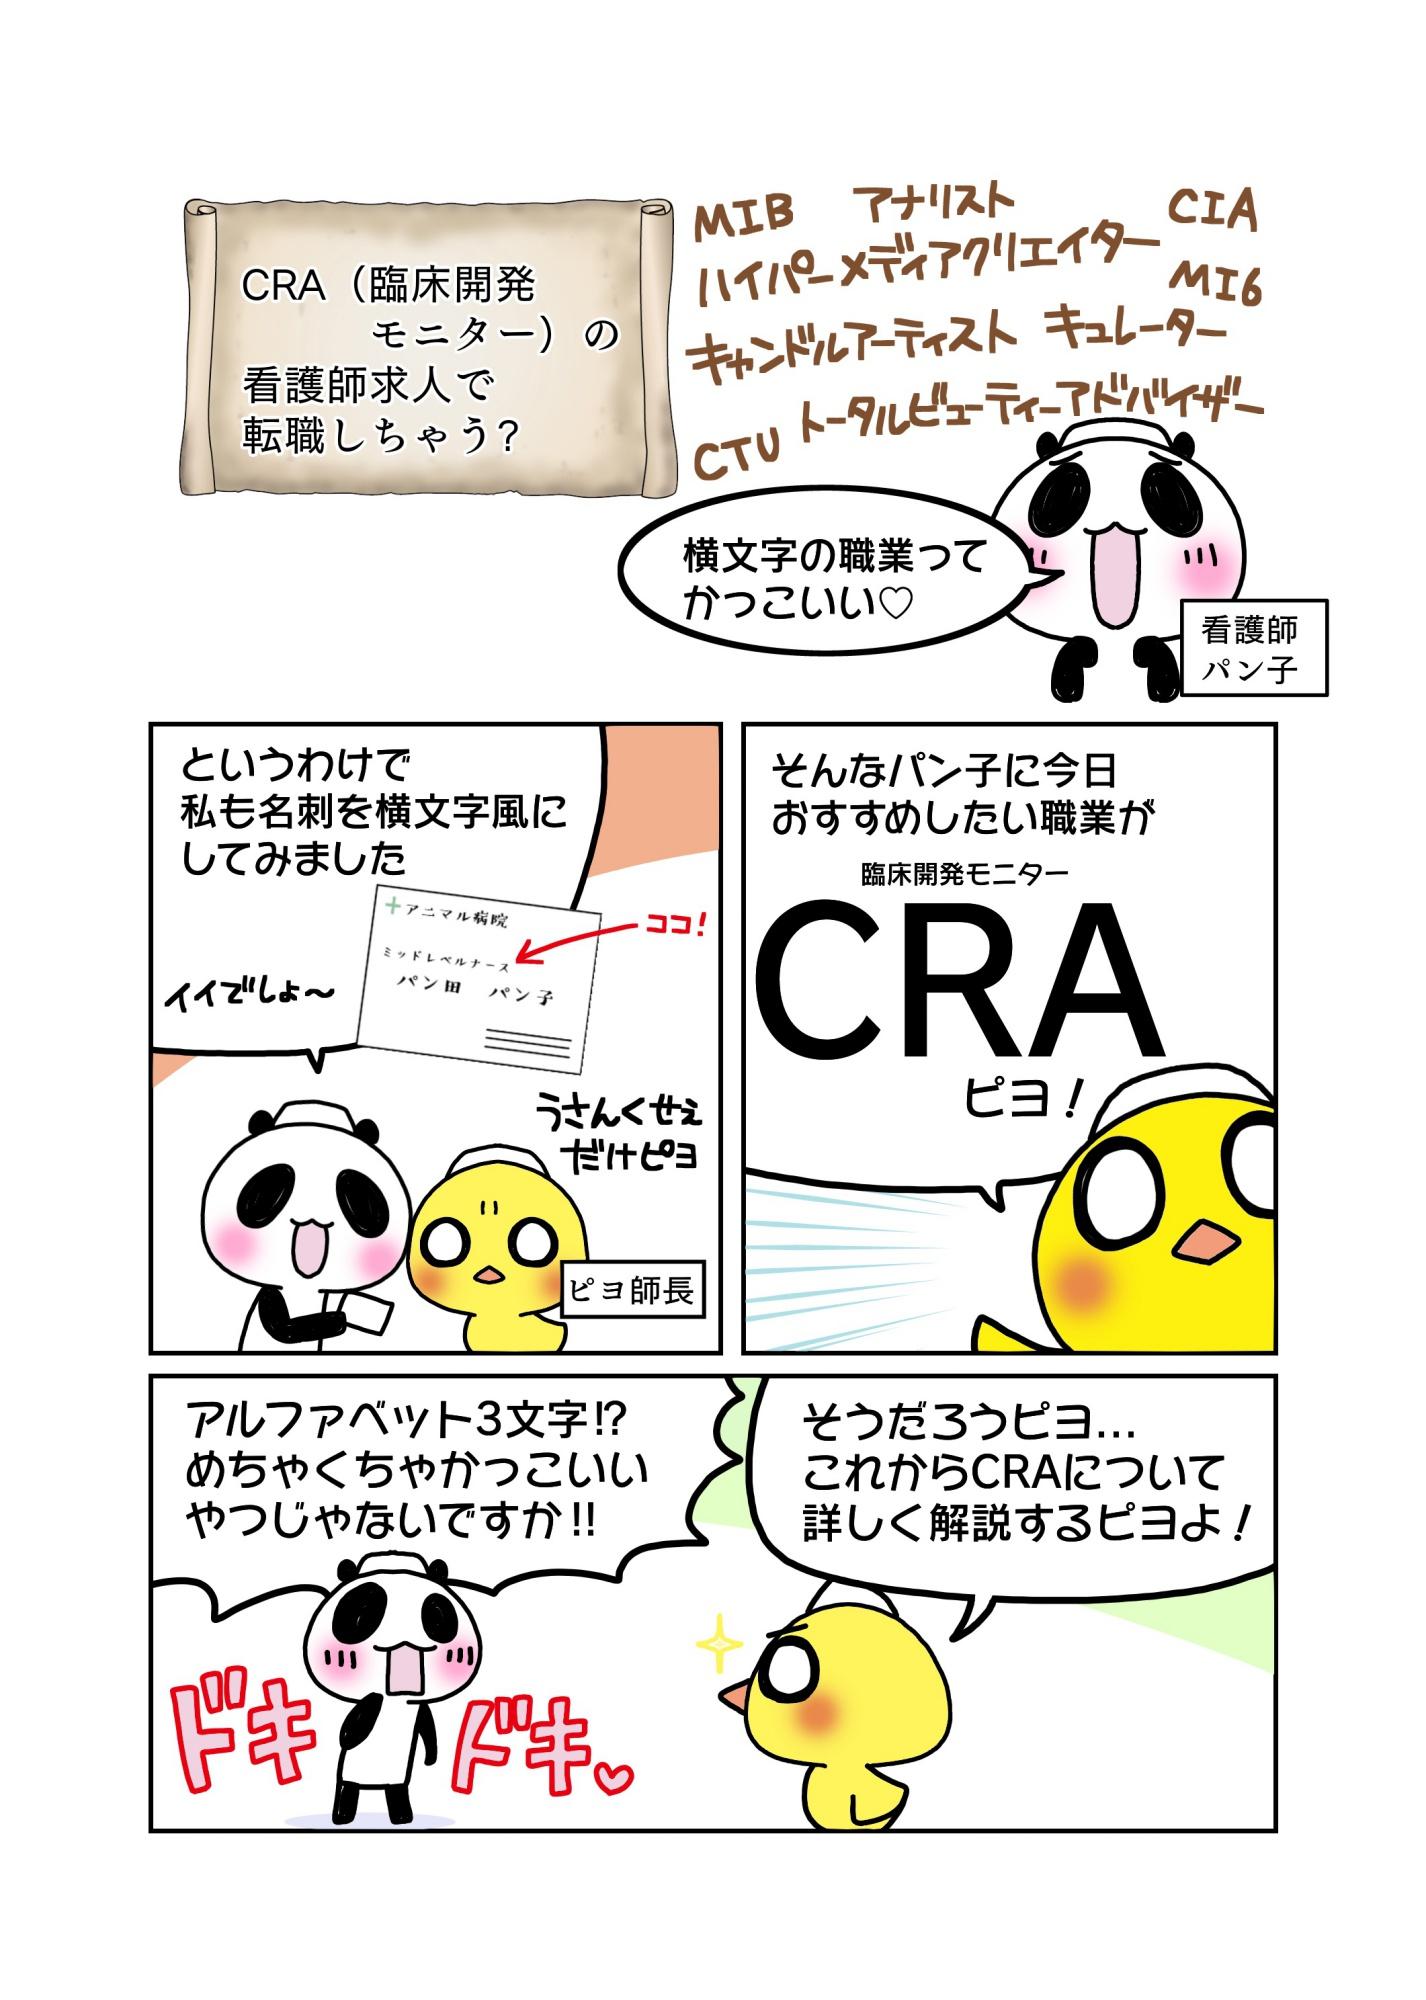 『CRA(臨床開発モニター)って何するの?看護師の求人はあるの?』マンガ1ページ